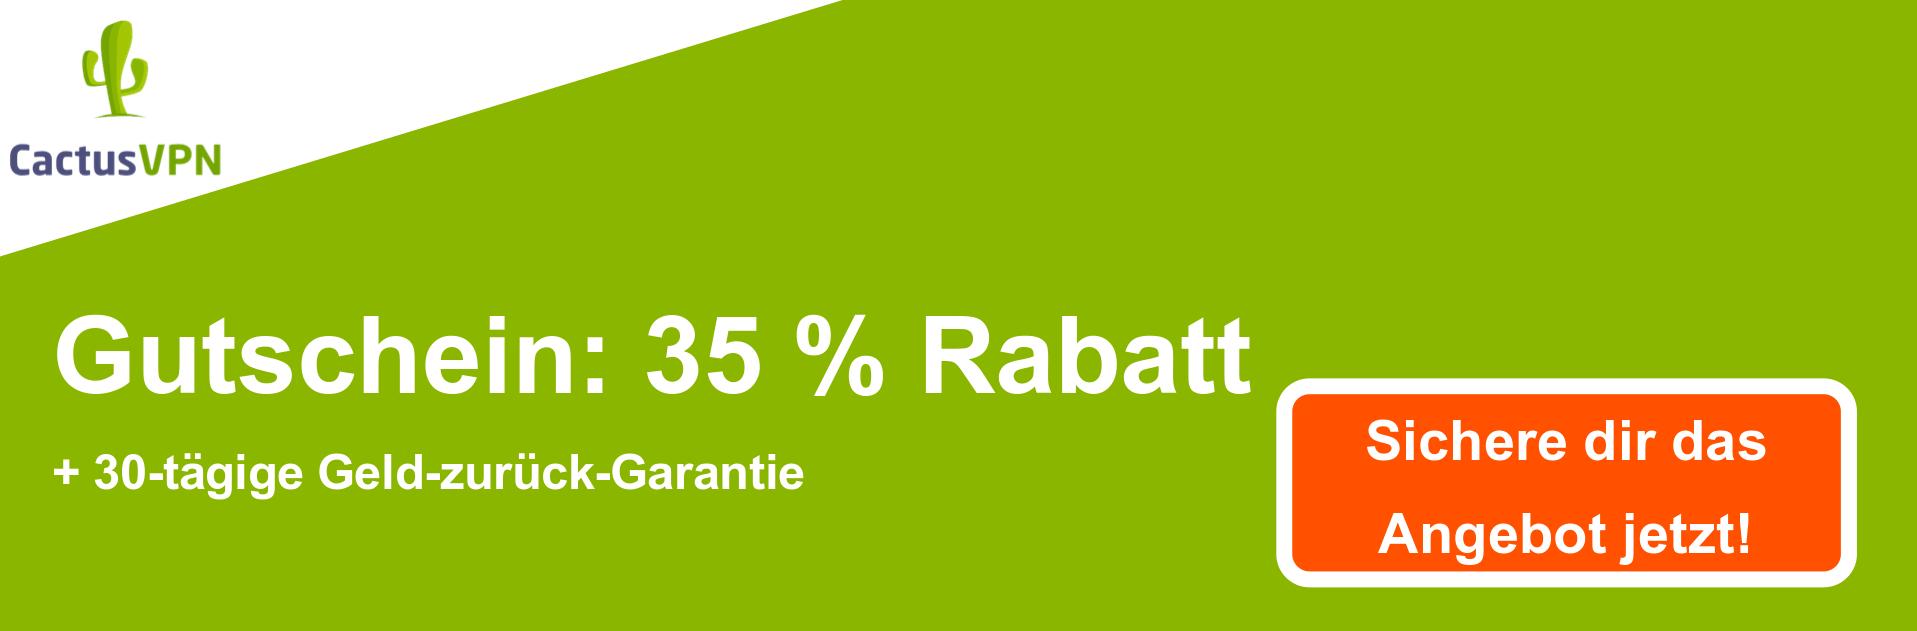 CactusVPN Coupon Banner - 38% Rabatt